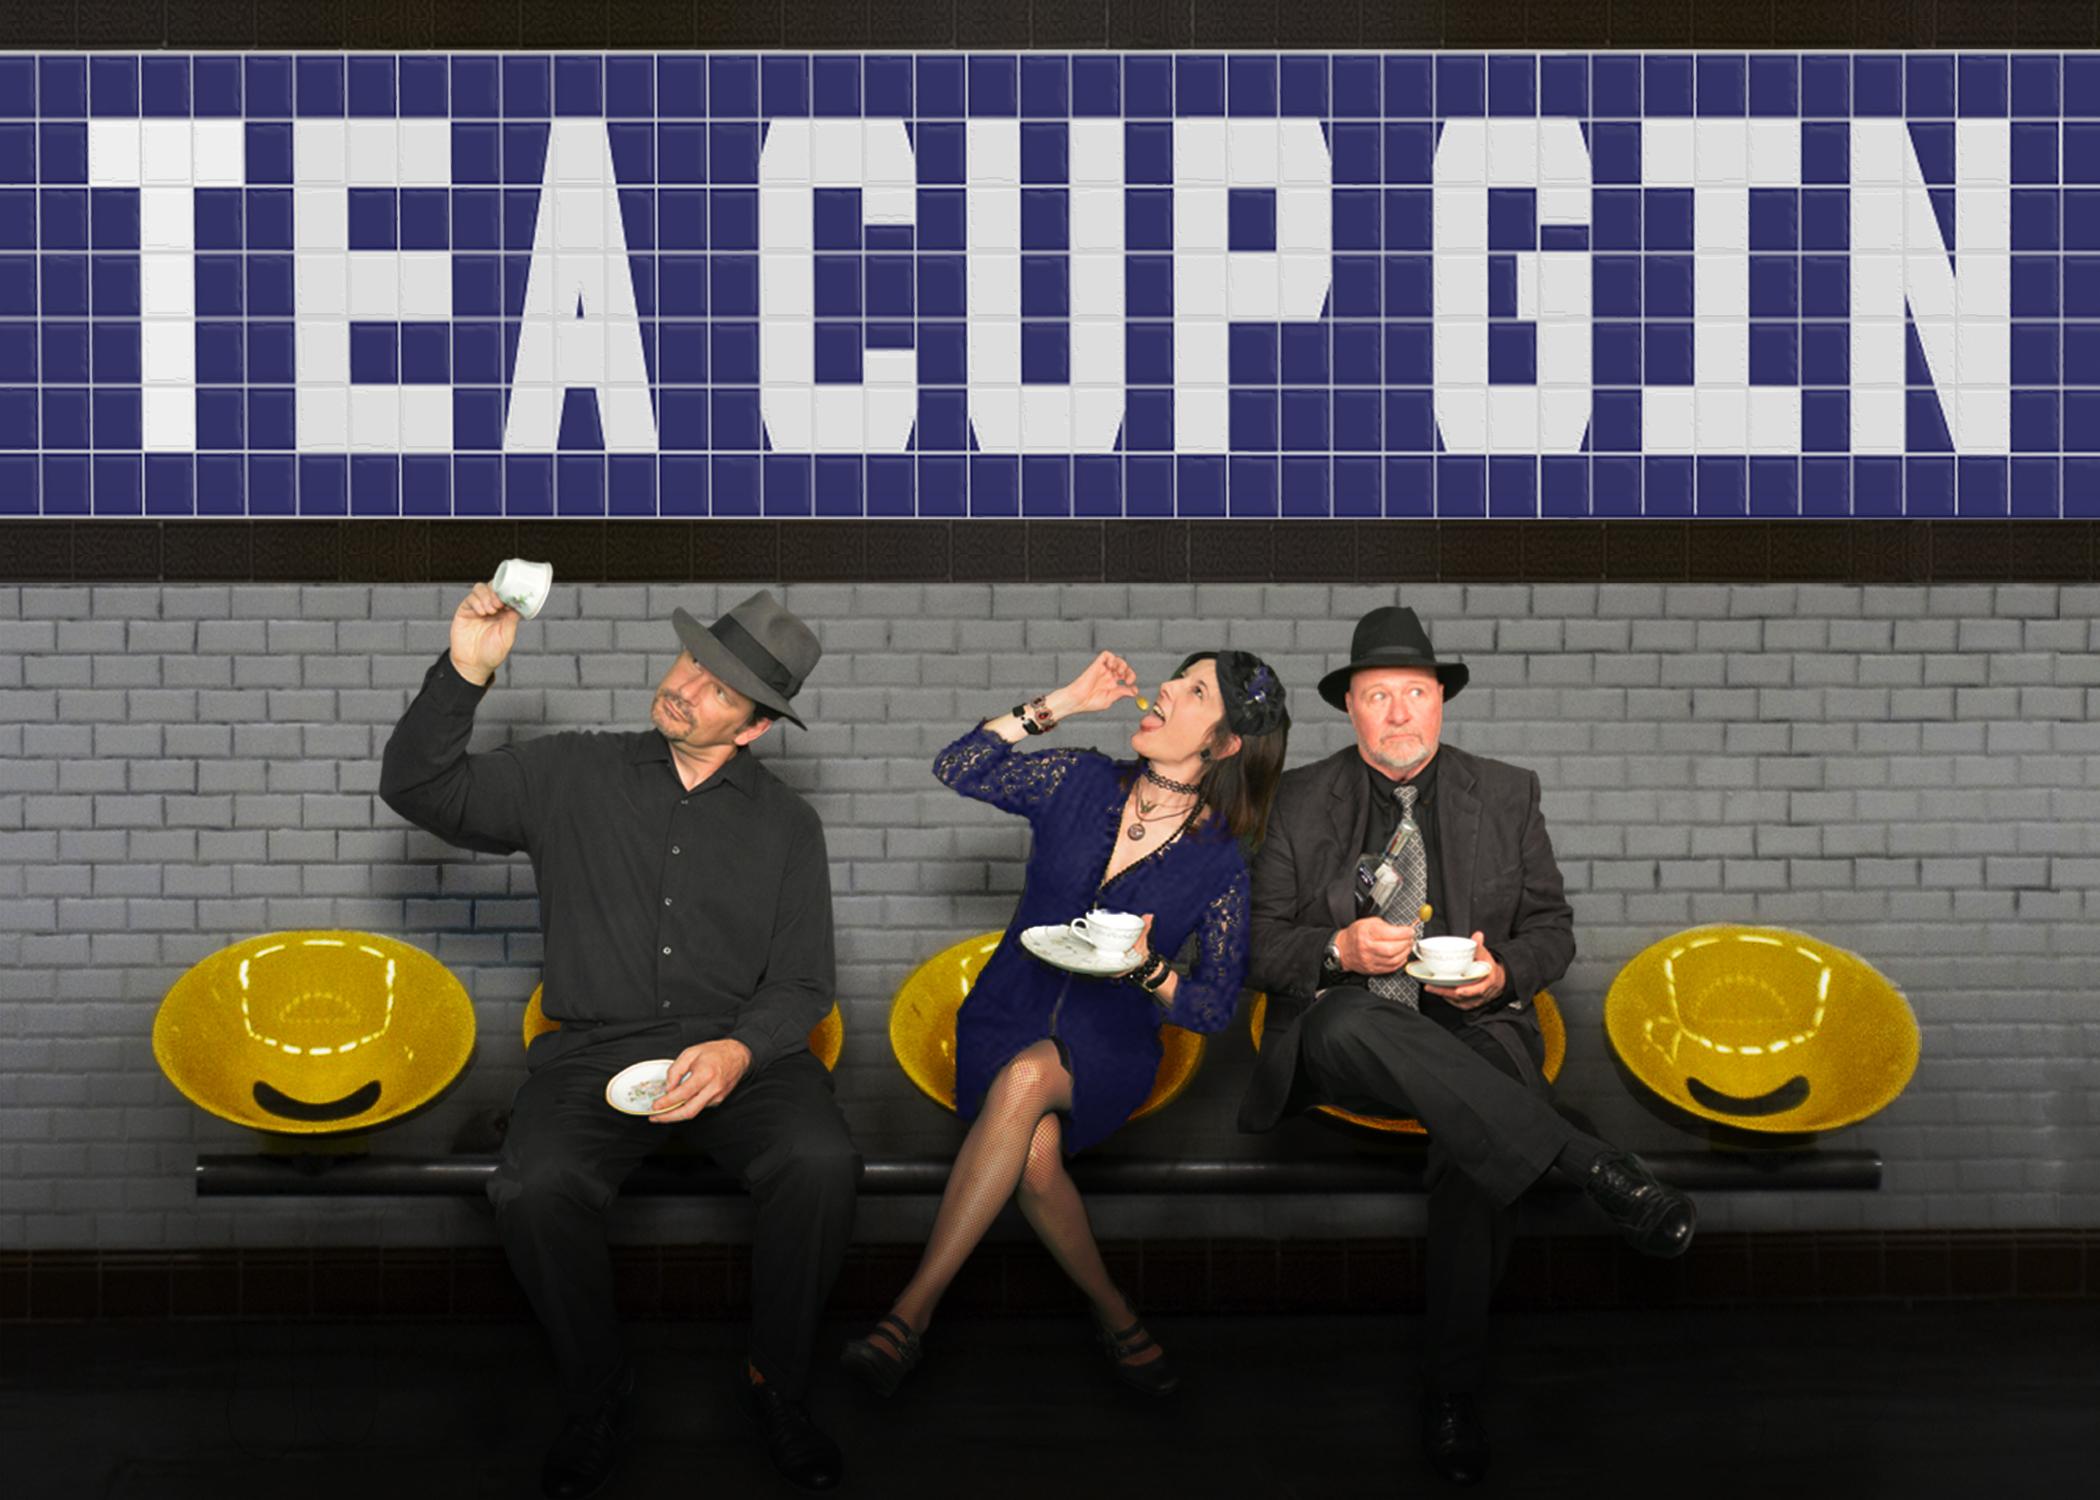 Tea Cup Gin Promo Photo